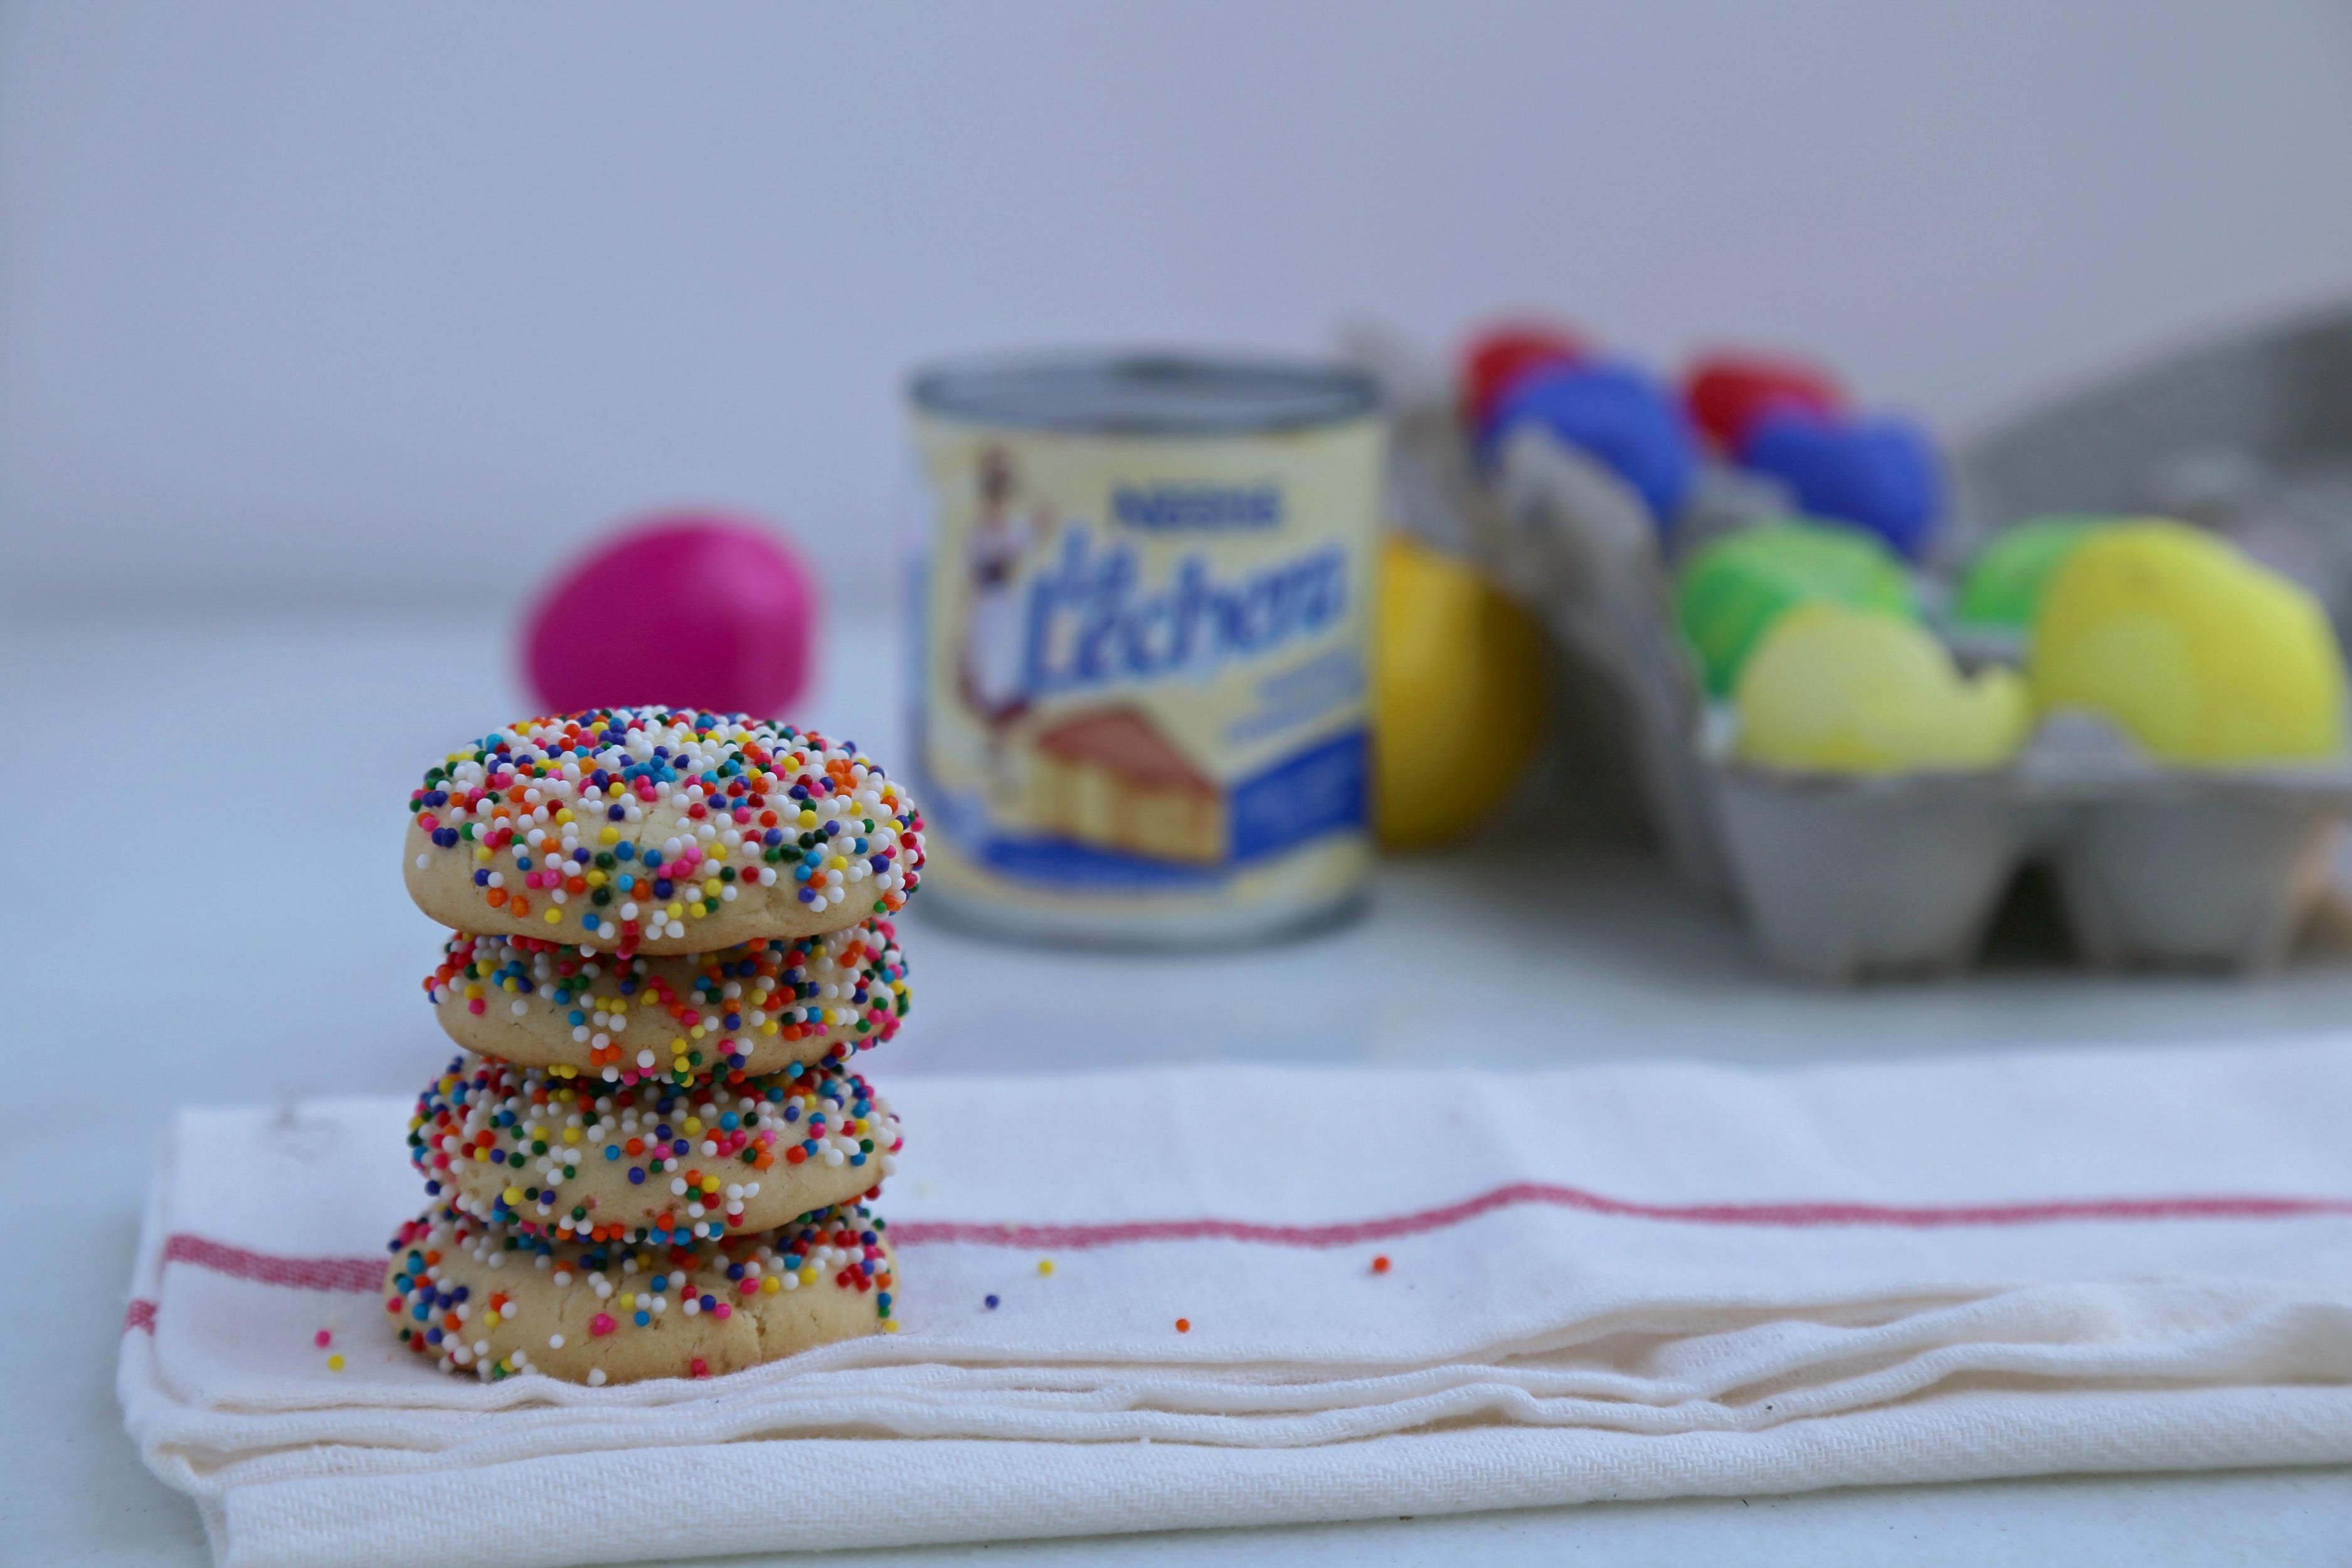 confetti-cookies-sweetened-condensend-cookies-vianneyrodriguez-sweetlifebake